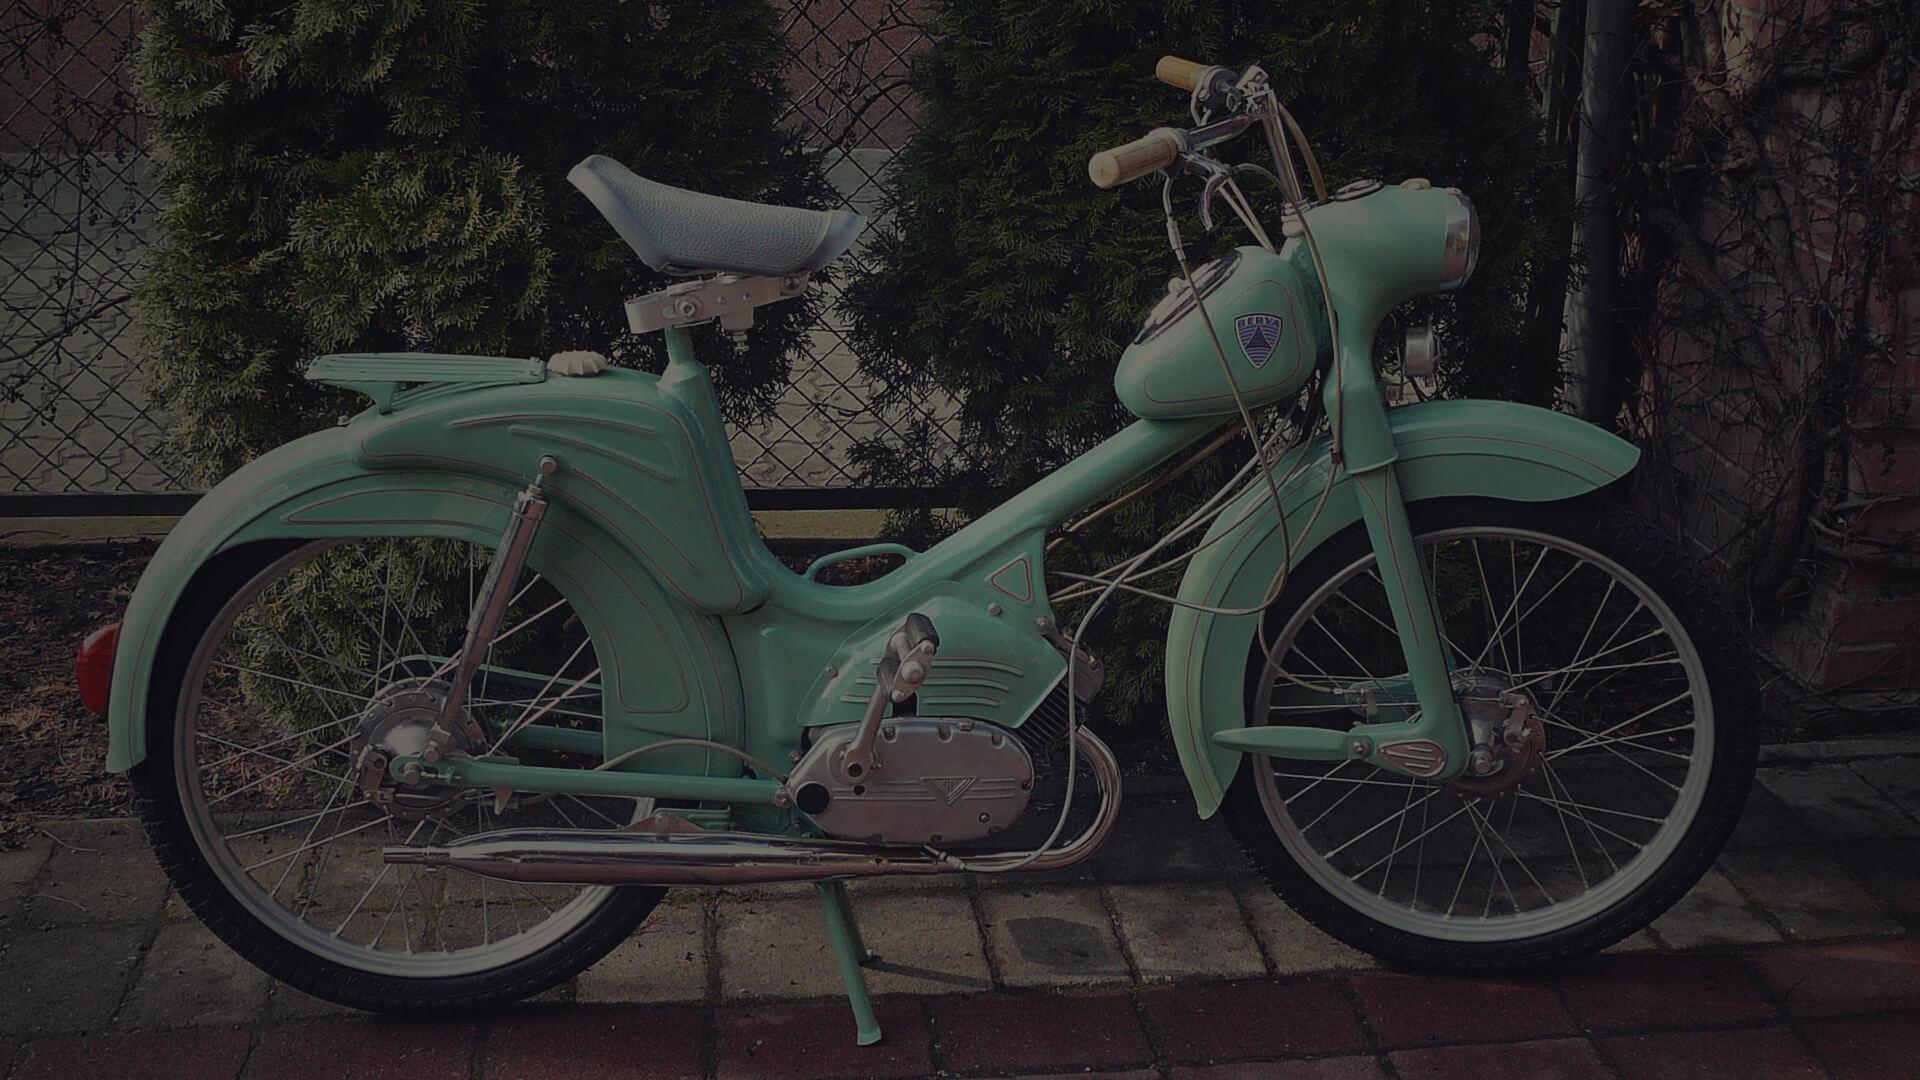 BERVA moped, 49 cm³, 1961